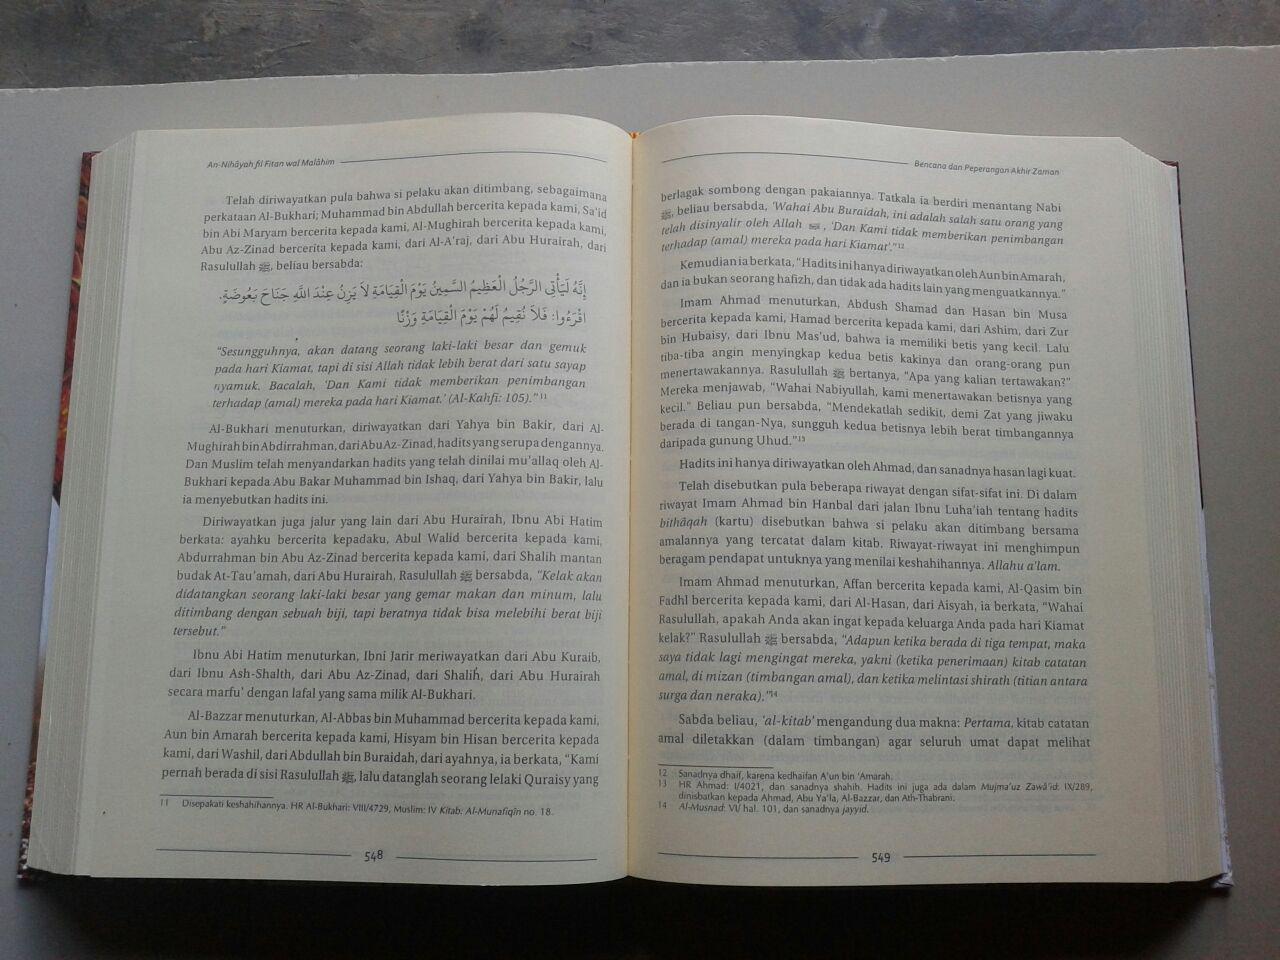 Buku Bencana & Peperangan Akhir Zaman Sebagaimana Rasulullah Kabarkan isi 4